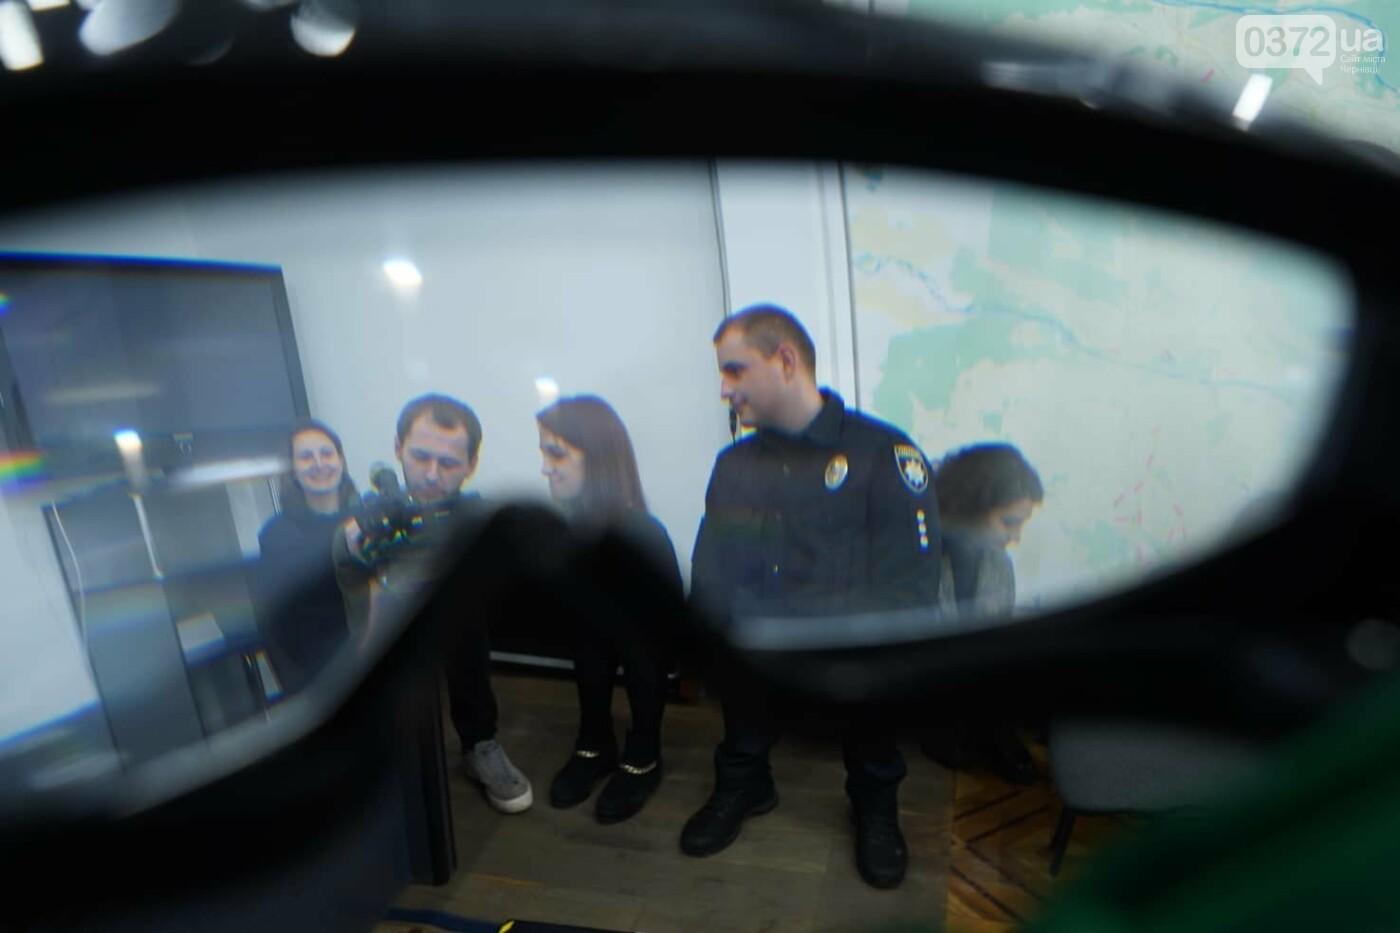 Алкоокуляри для водіїв: у Чернівцях презентували прилад, який імітує стан сп'яніння, фото-1